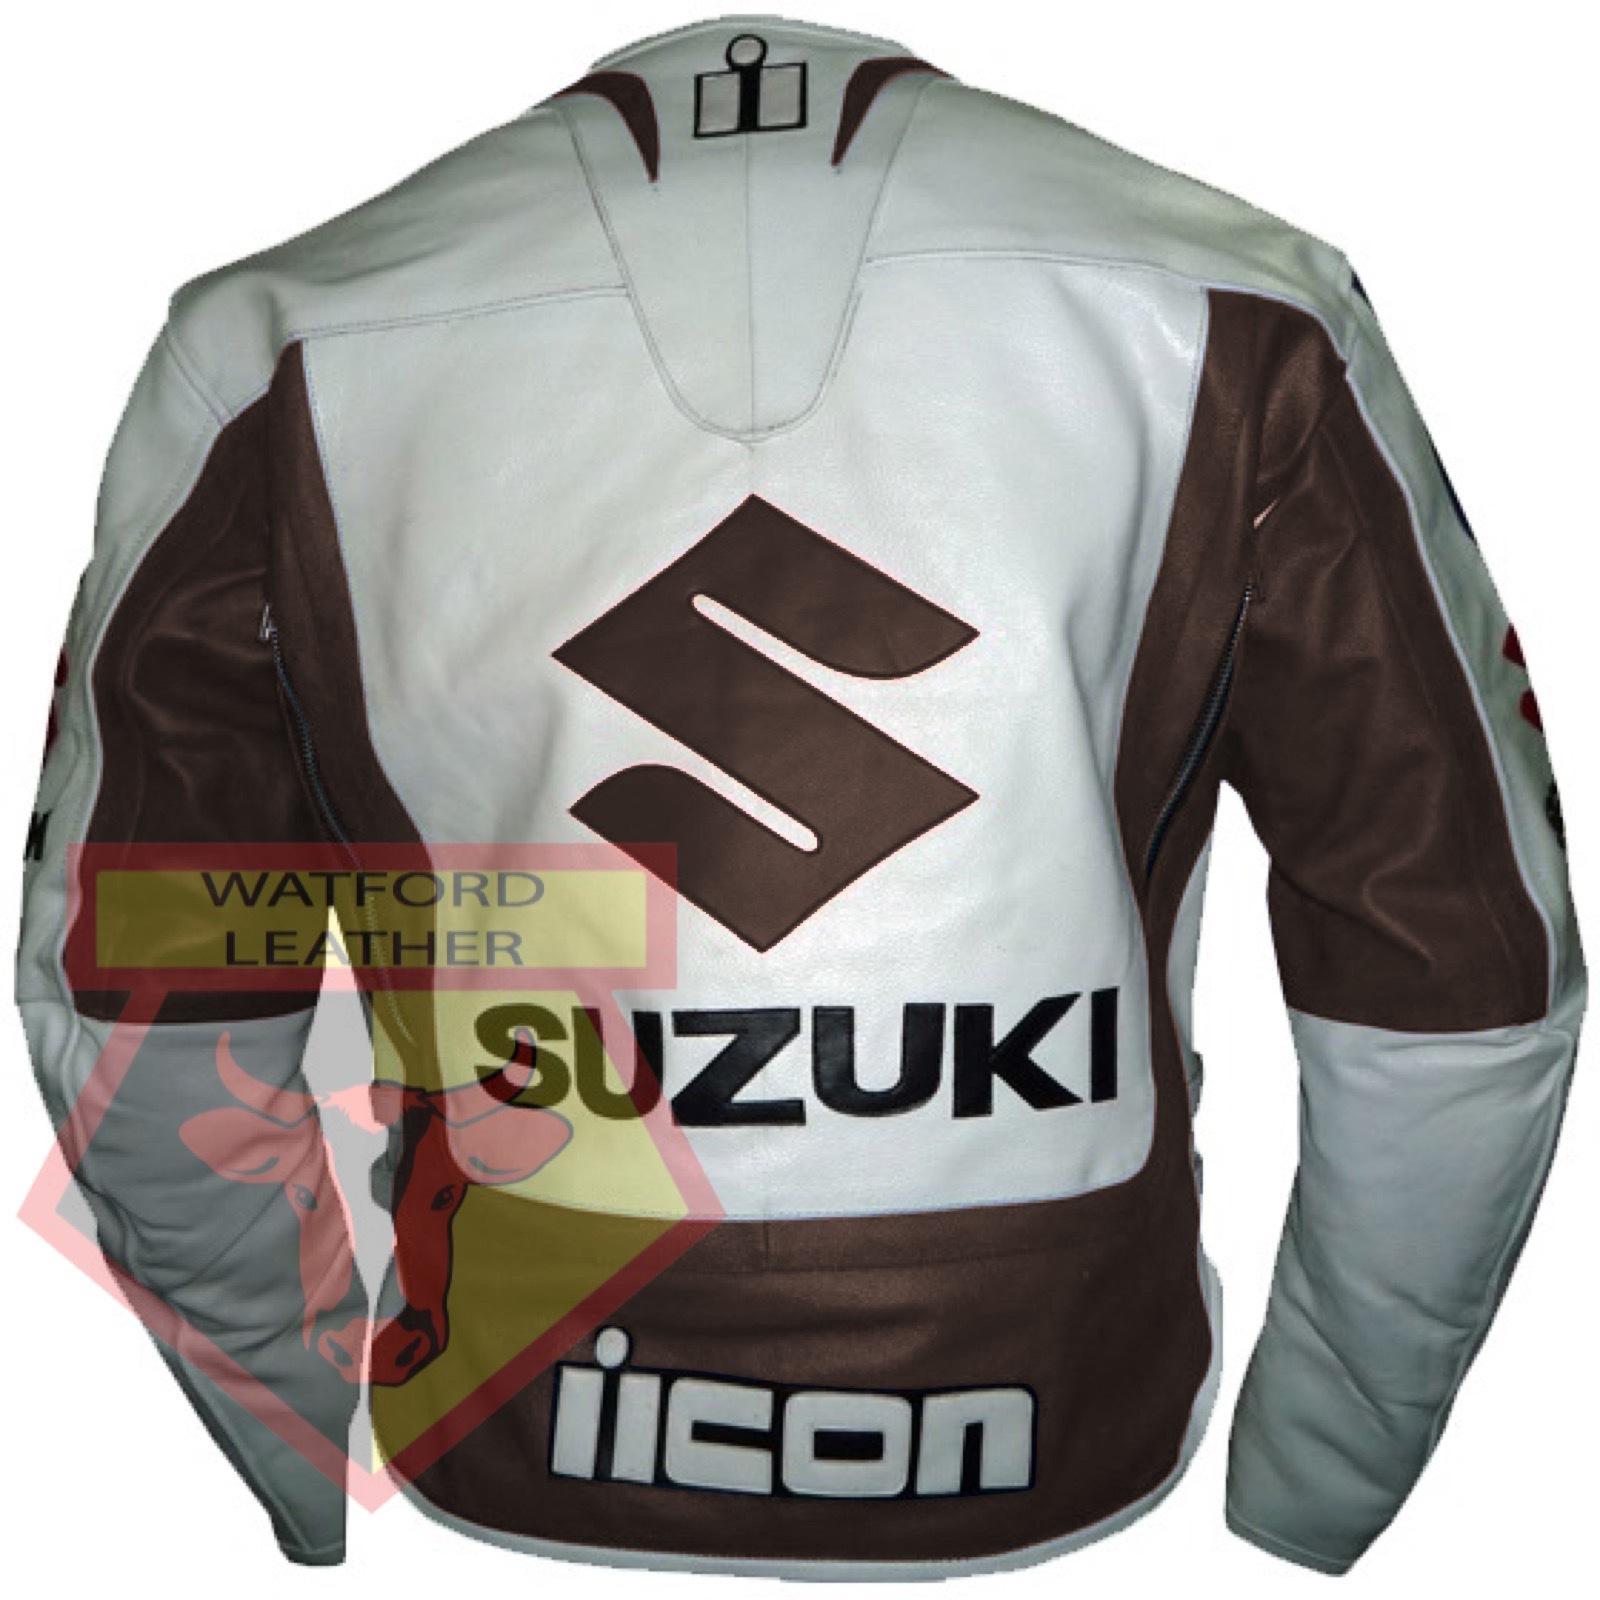 Suzuki Leather Jacket Motorcycle Leather Jacket Sports Motorbike Biker Jacket